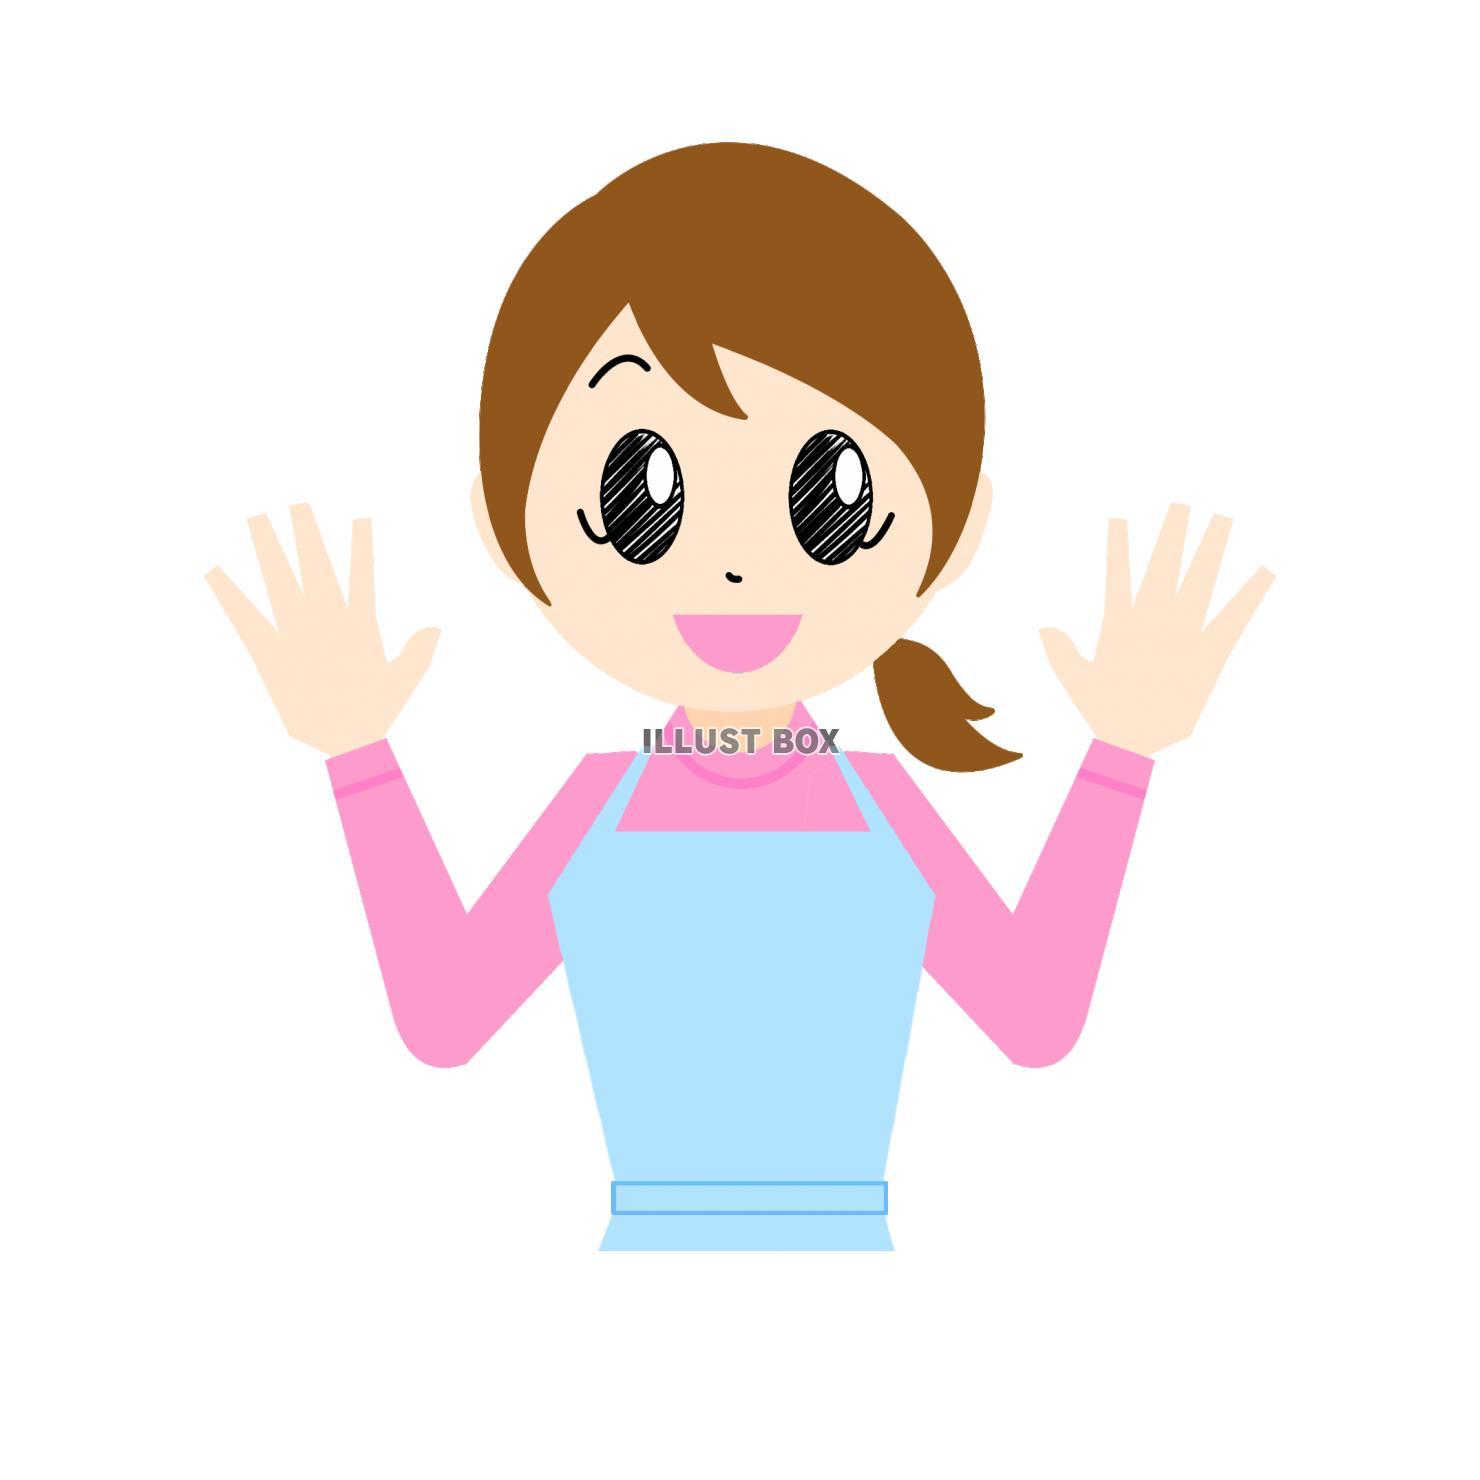 無料イラスト 笑顔で手を振るエプロン姿の女性・母親②